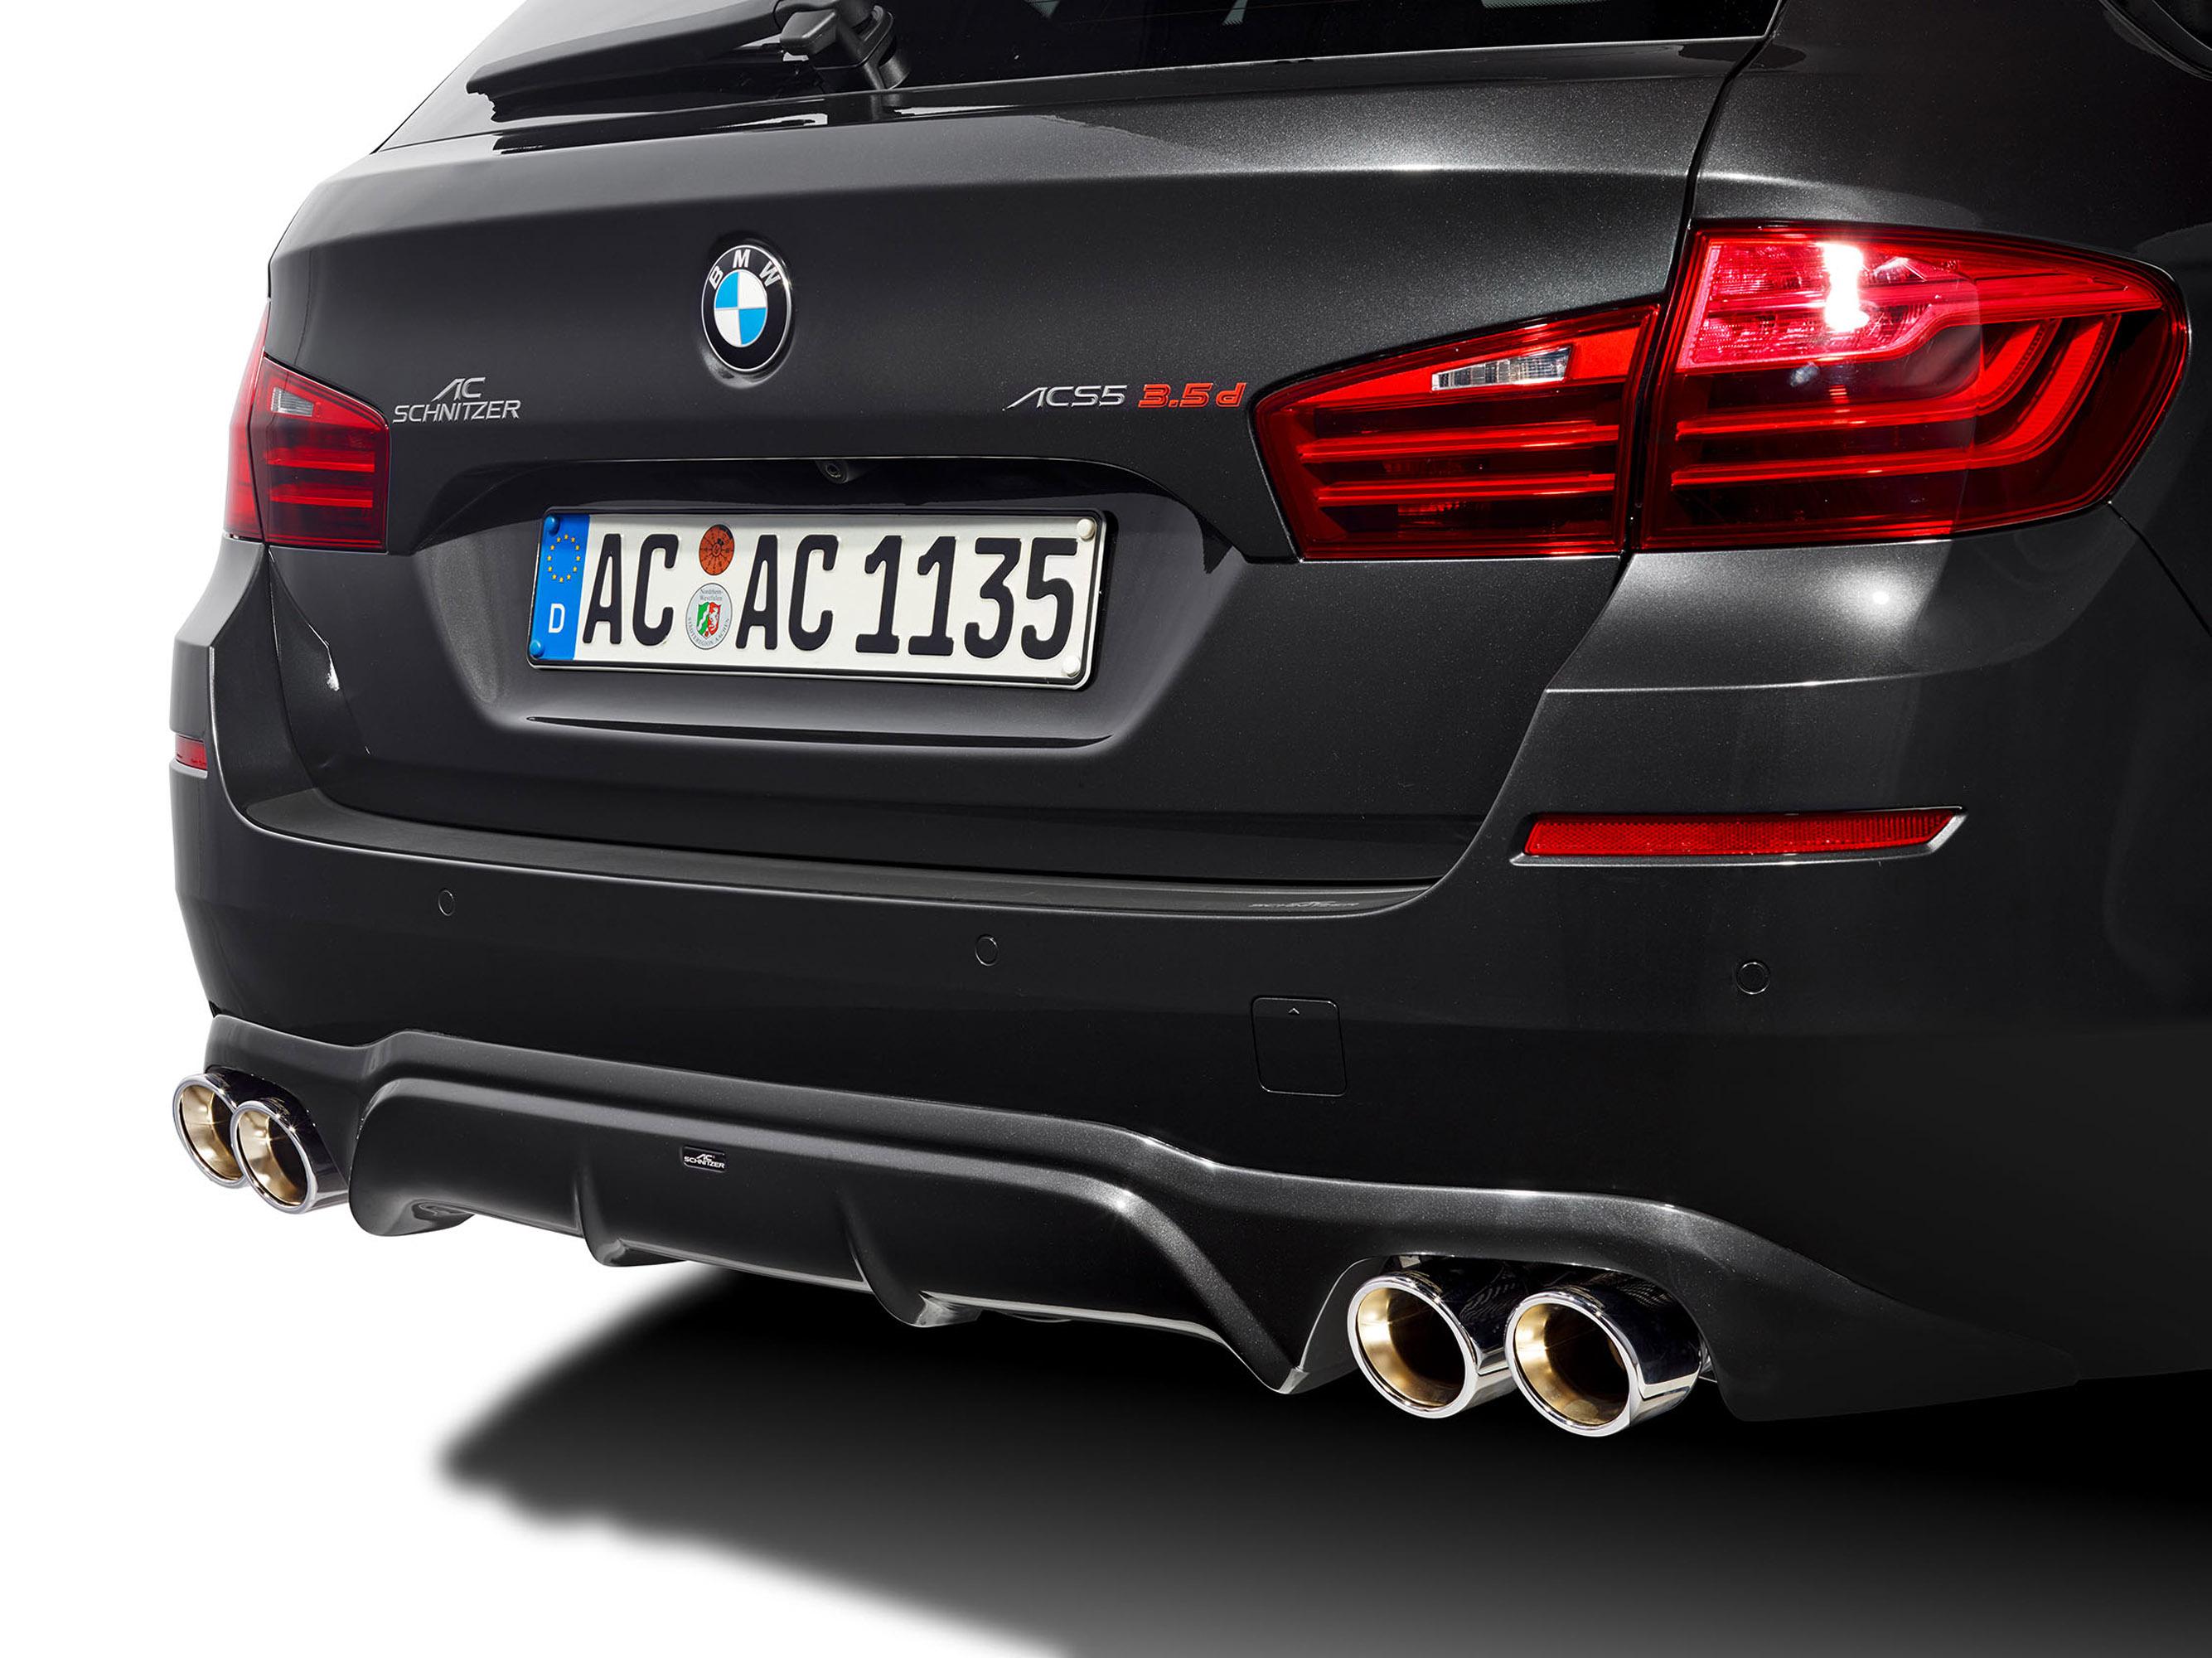 АС Шнитцер BMW 5 серии туринг ЛКИ Эссене дебютирует на мотор-шоу  - фотография №17